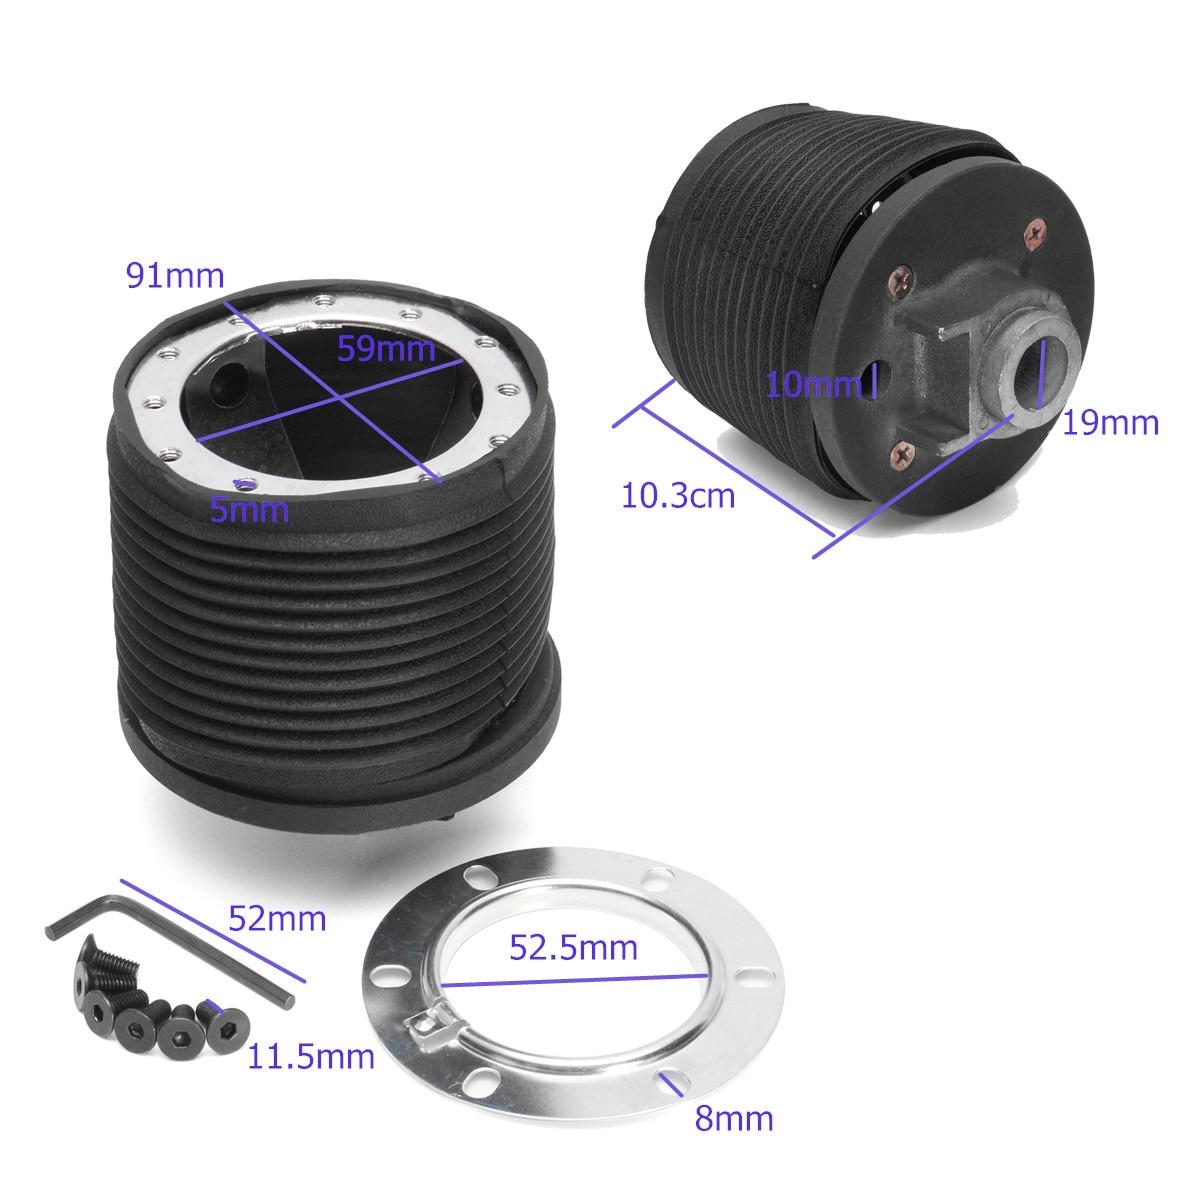 Auto Zwart Stuurwiel Hub Kit Quick Release Adapter Connector Voor Peugeot 206 Auto Stuurwiel Adapter Accessoires 1 pcs